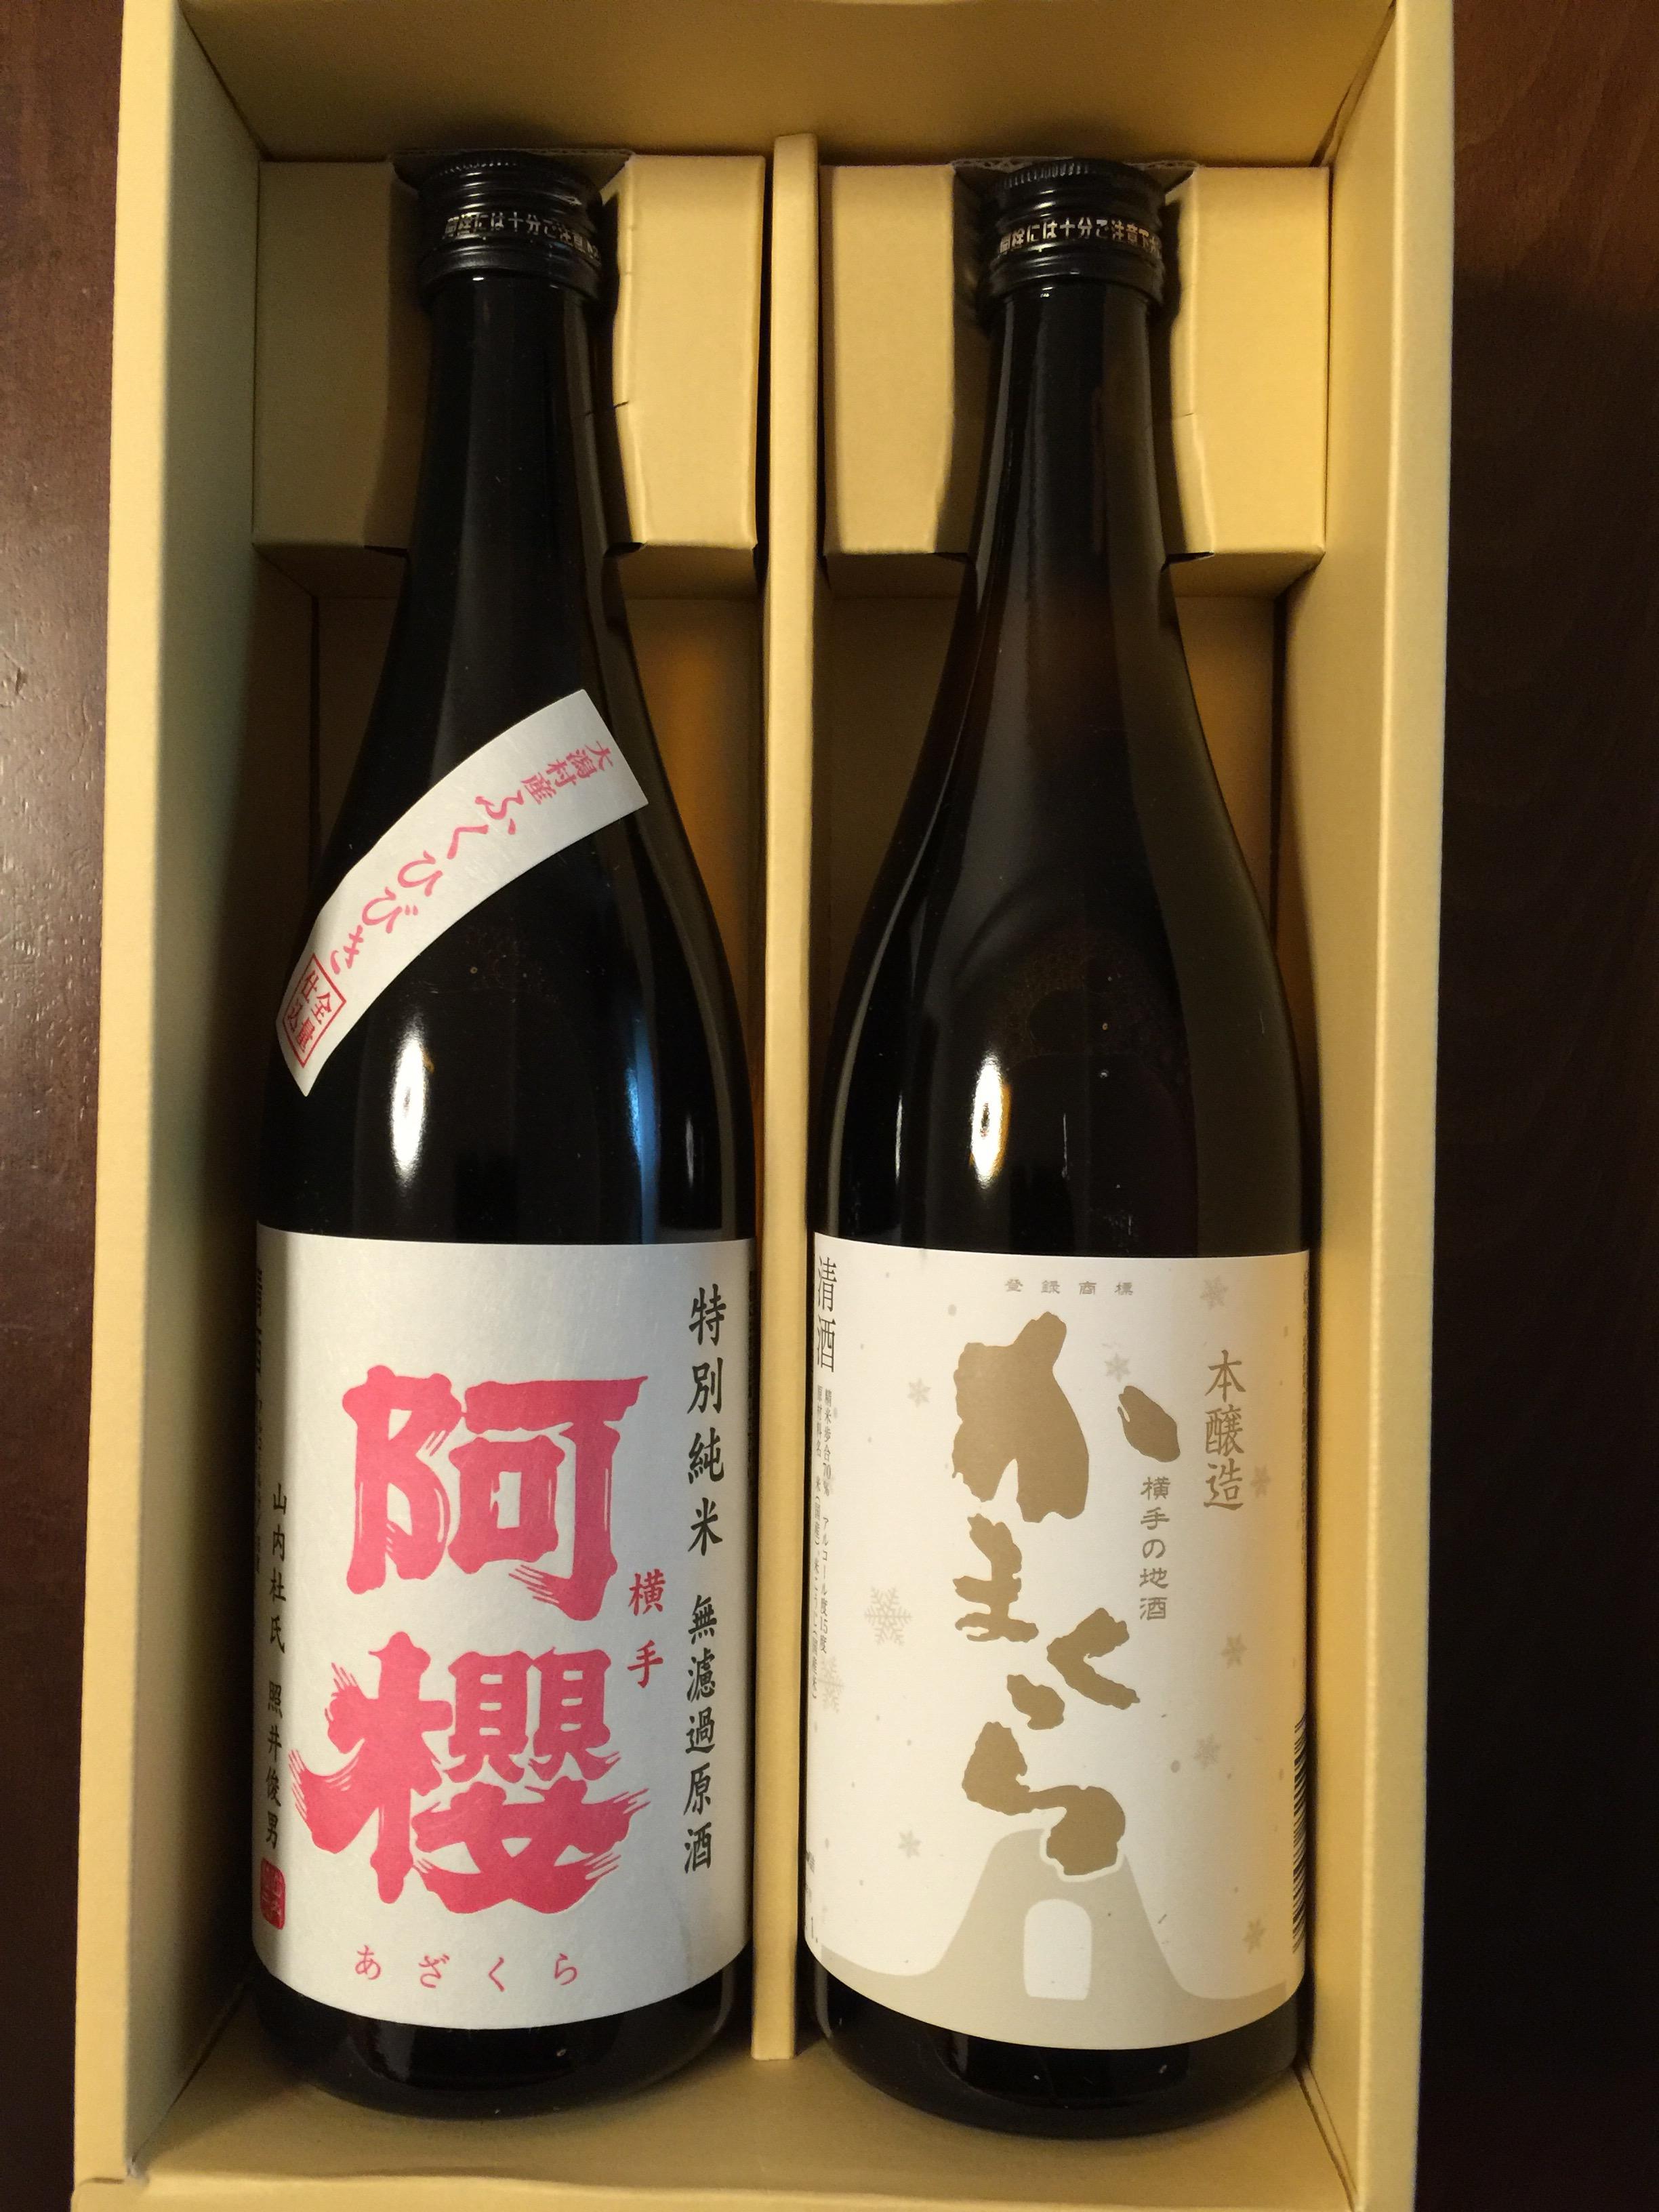 アスラポートダイニングからの株主優待 日本酒セットとローストビーフ、ロールステーキのセット